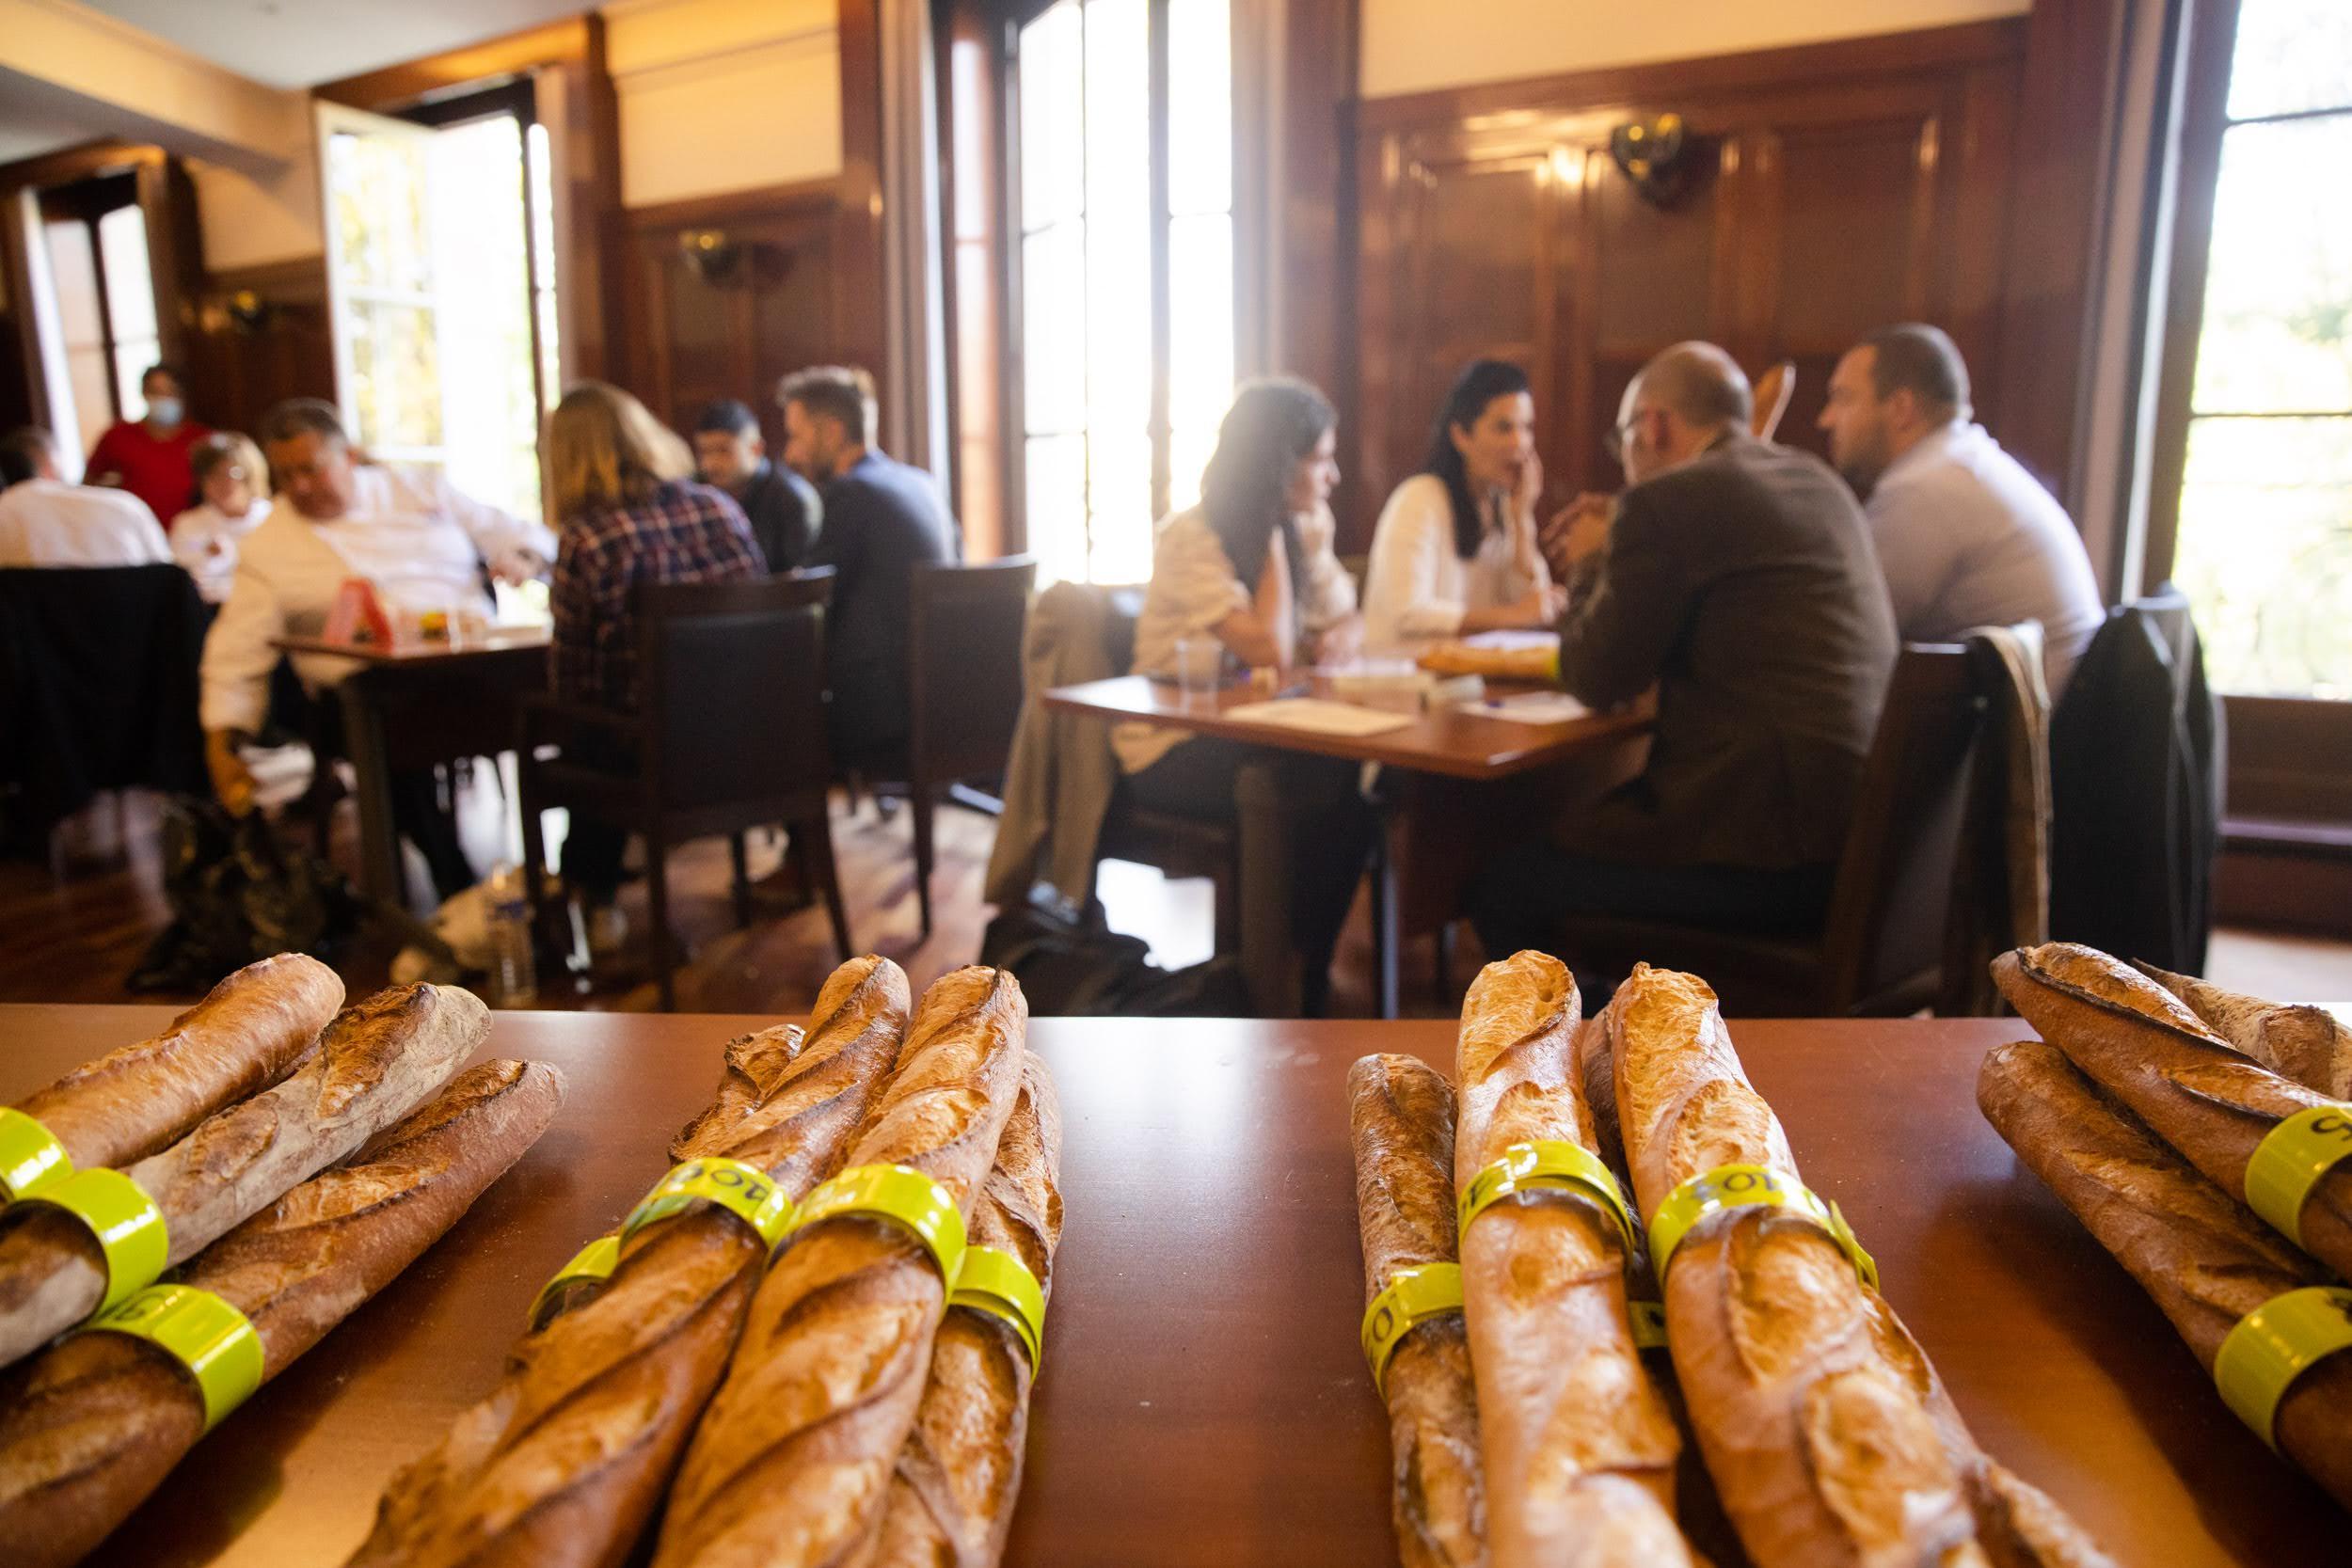 Le jury réuni en petits groupes face à des lots de baguettes numérotées.